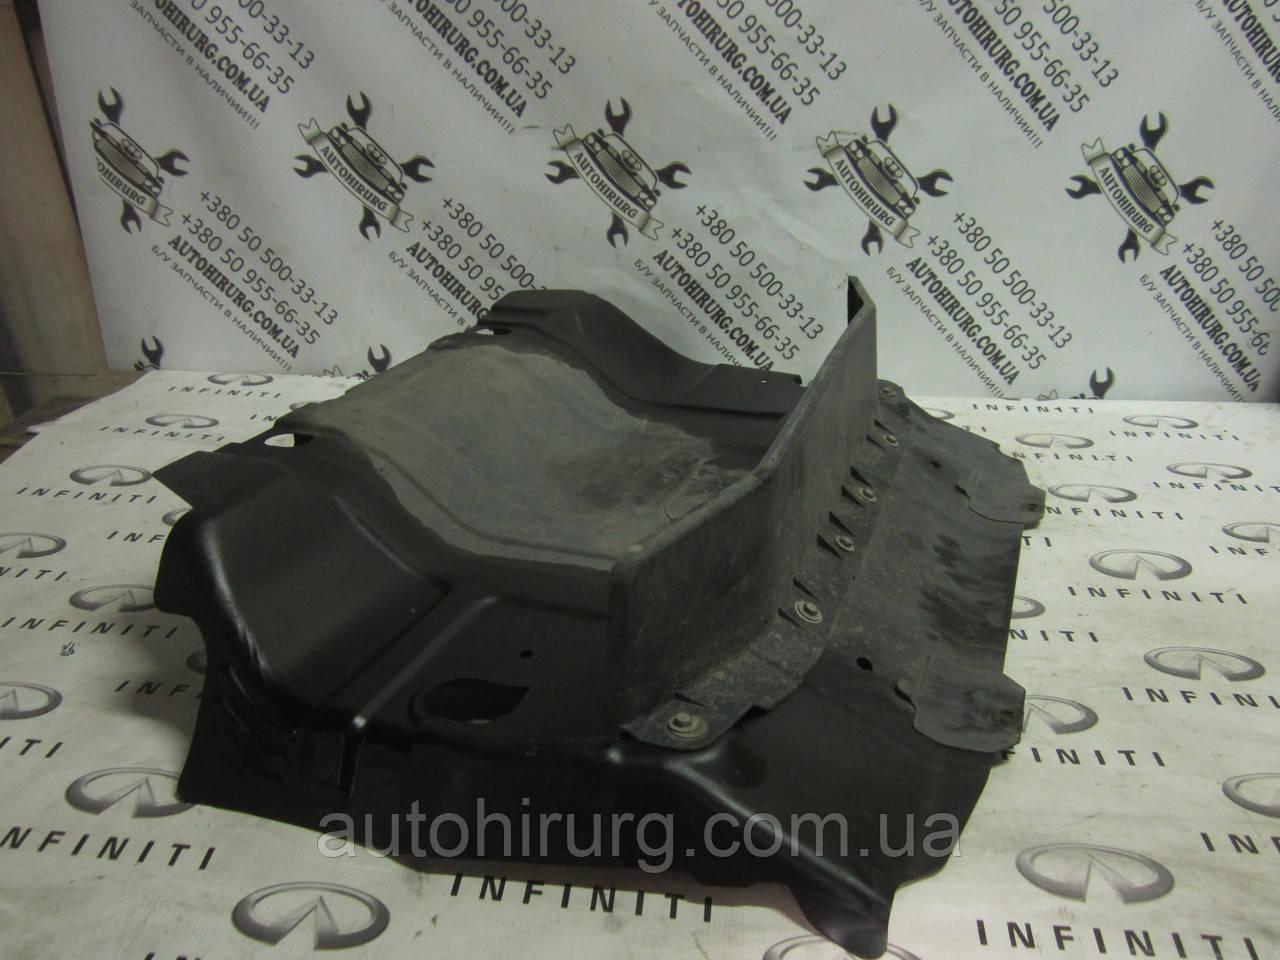 Металлическая защита двигателя Infiniti Qx56 / Qx80 - Z62